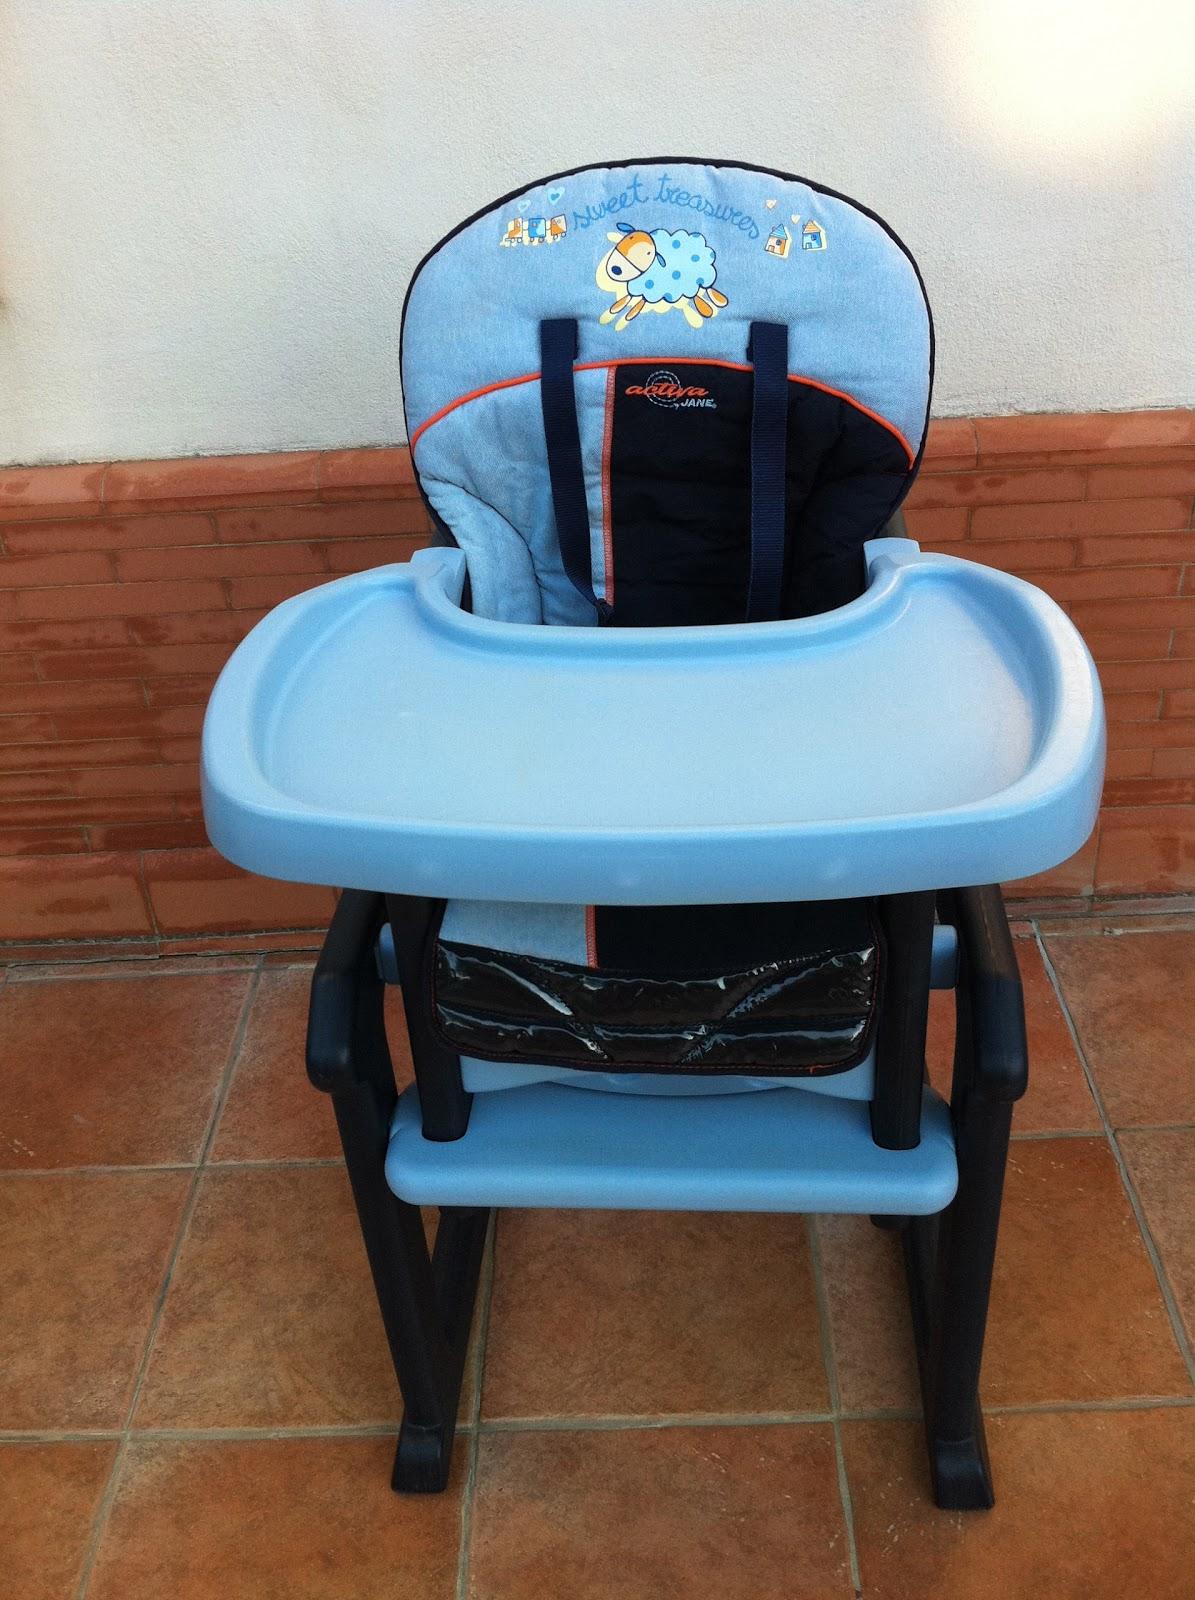 Trona jan activa convertible en mesa silla el for Silla que se convierte en mesa